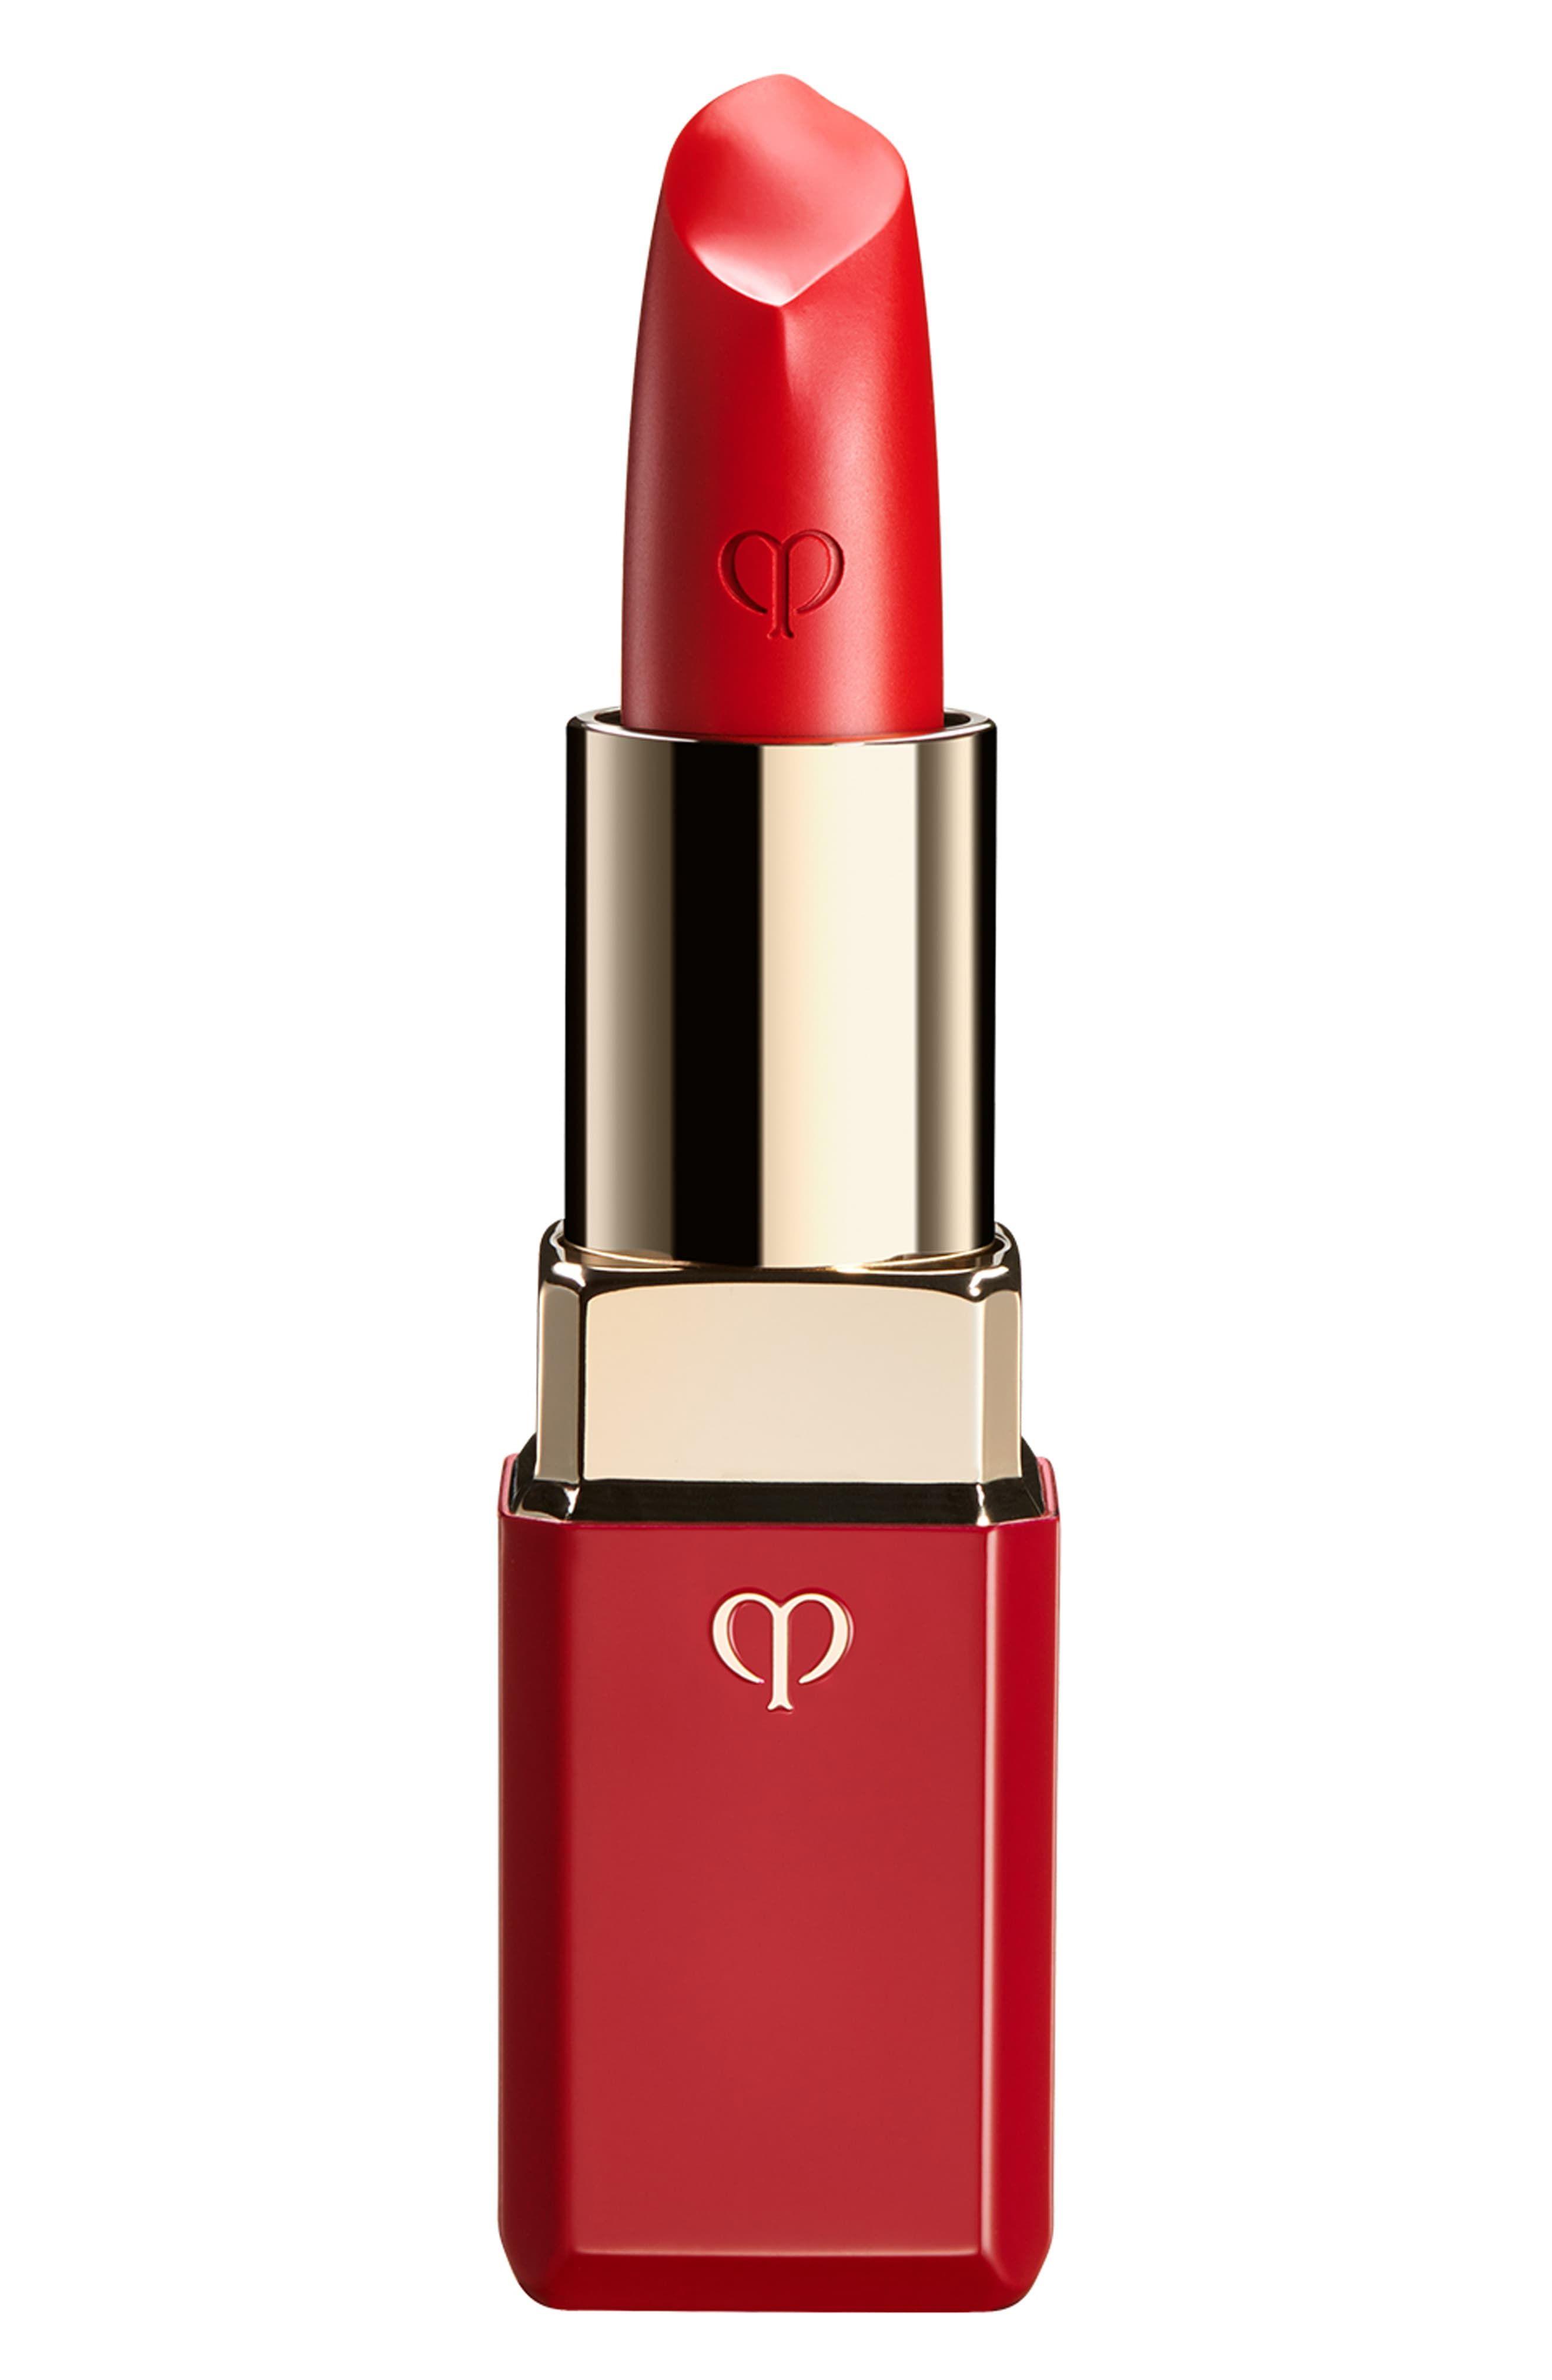 Clé de Peau Beauté Red Passion Lipstick Cashmere (Limited